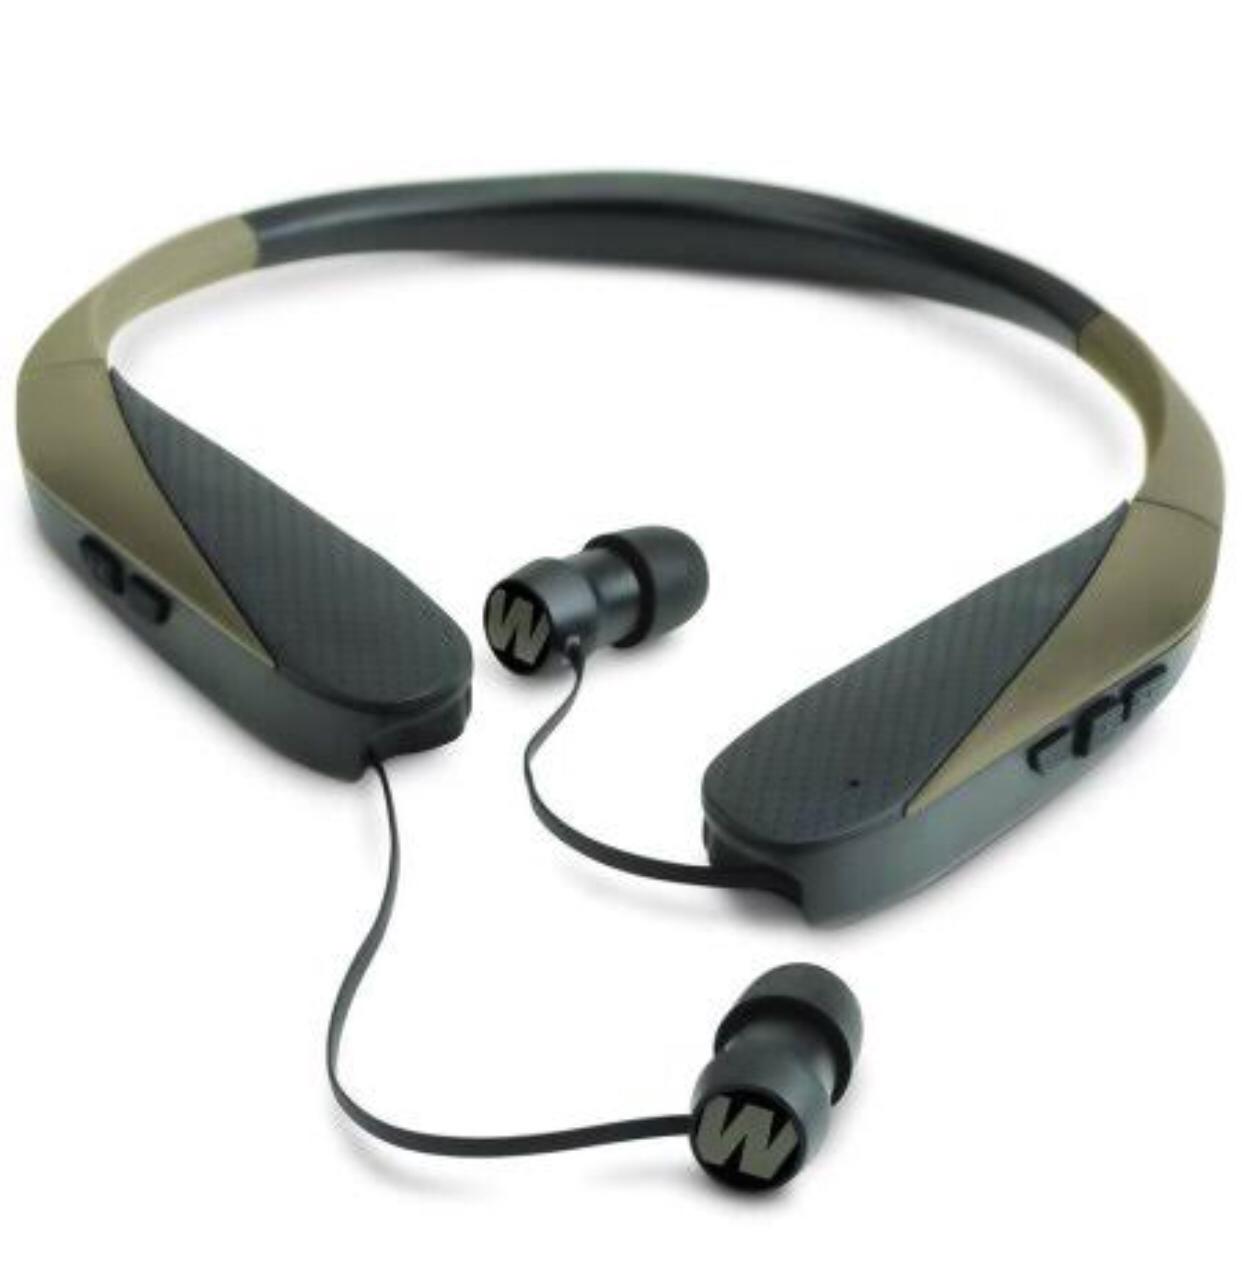 Walker's - Razor XV BT Ear Bud Headset 00038